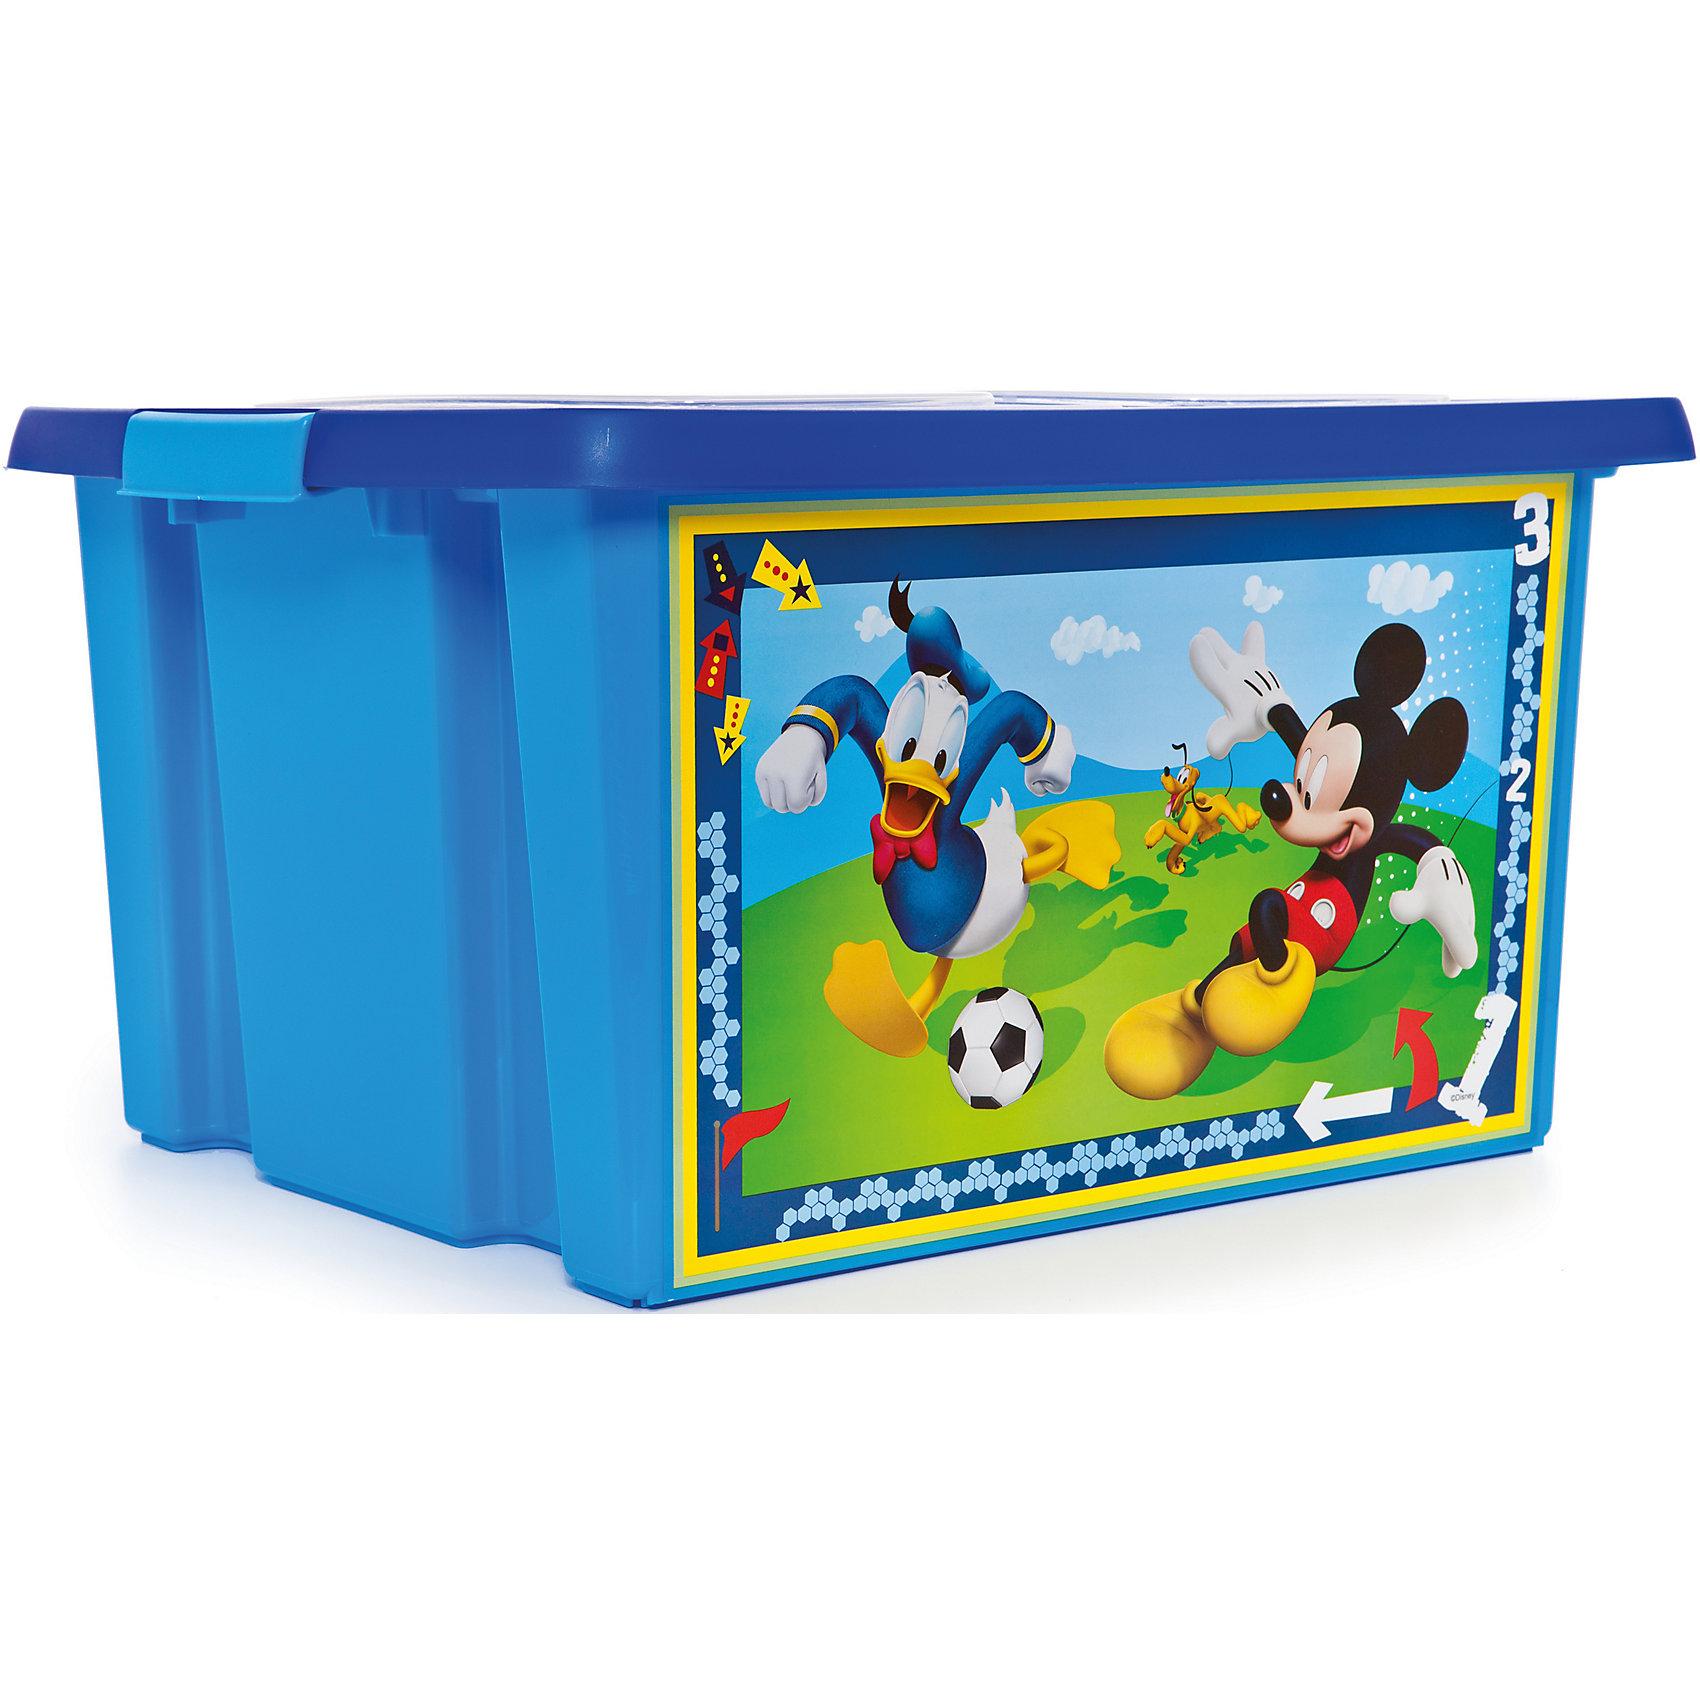 Ящик для игрушек Микки Маус, 30 лЯркий и удобный ящик с изображениями любимых героев обязательно понравится детям и приучит их к порядку. Ведь убирать вещи и игрушки в такой контейнер - одно удовольствие! Вместительный ящик выполнен из высококачественного прочного пластика безопасного для детей. <br><br>Дополнительная информация:<br><br>- Материал: пластик.<br>- Размер: 47х37х25 см.<br>- Объем: 30 л.<br><br>Ящик для игрушек Микки Маус, 30 л, можно купить в нашем магазине.<br><br>Ширина мм: 9999<br>Глубина мм: 9999<br>Высота мм: 9999<br>Вес г: 300<br>Возраст от месяцев: 12<br>Возраст до месяцев: 120<br>Пол: Унисекс<br>Возраст: Детский<br>SKU: 4718453